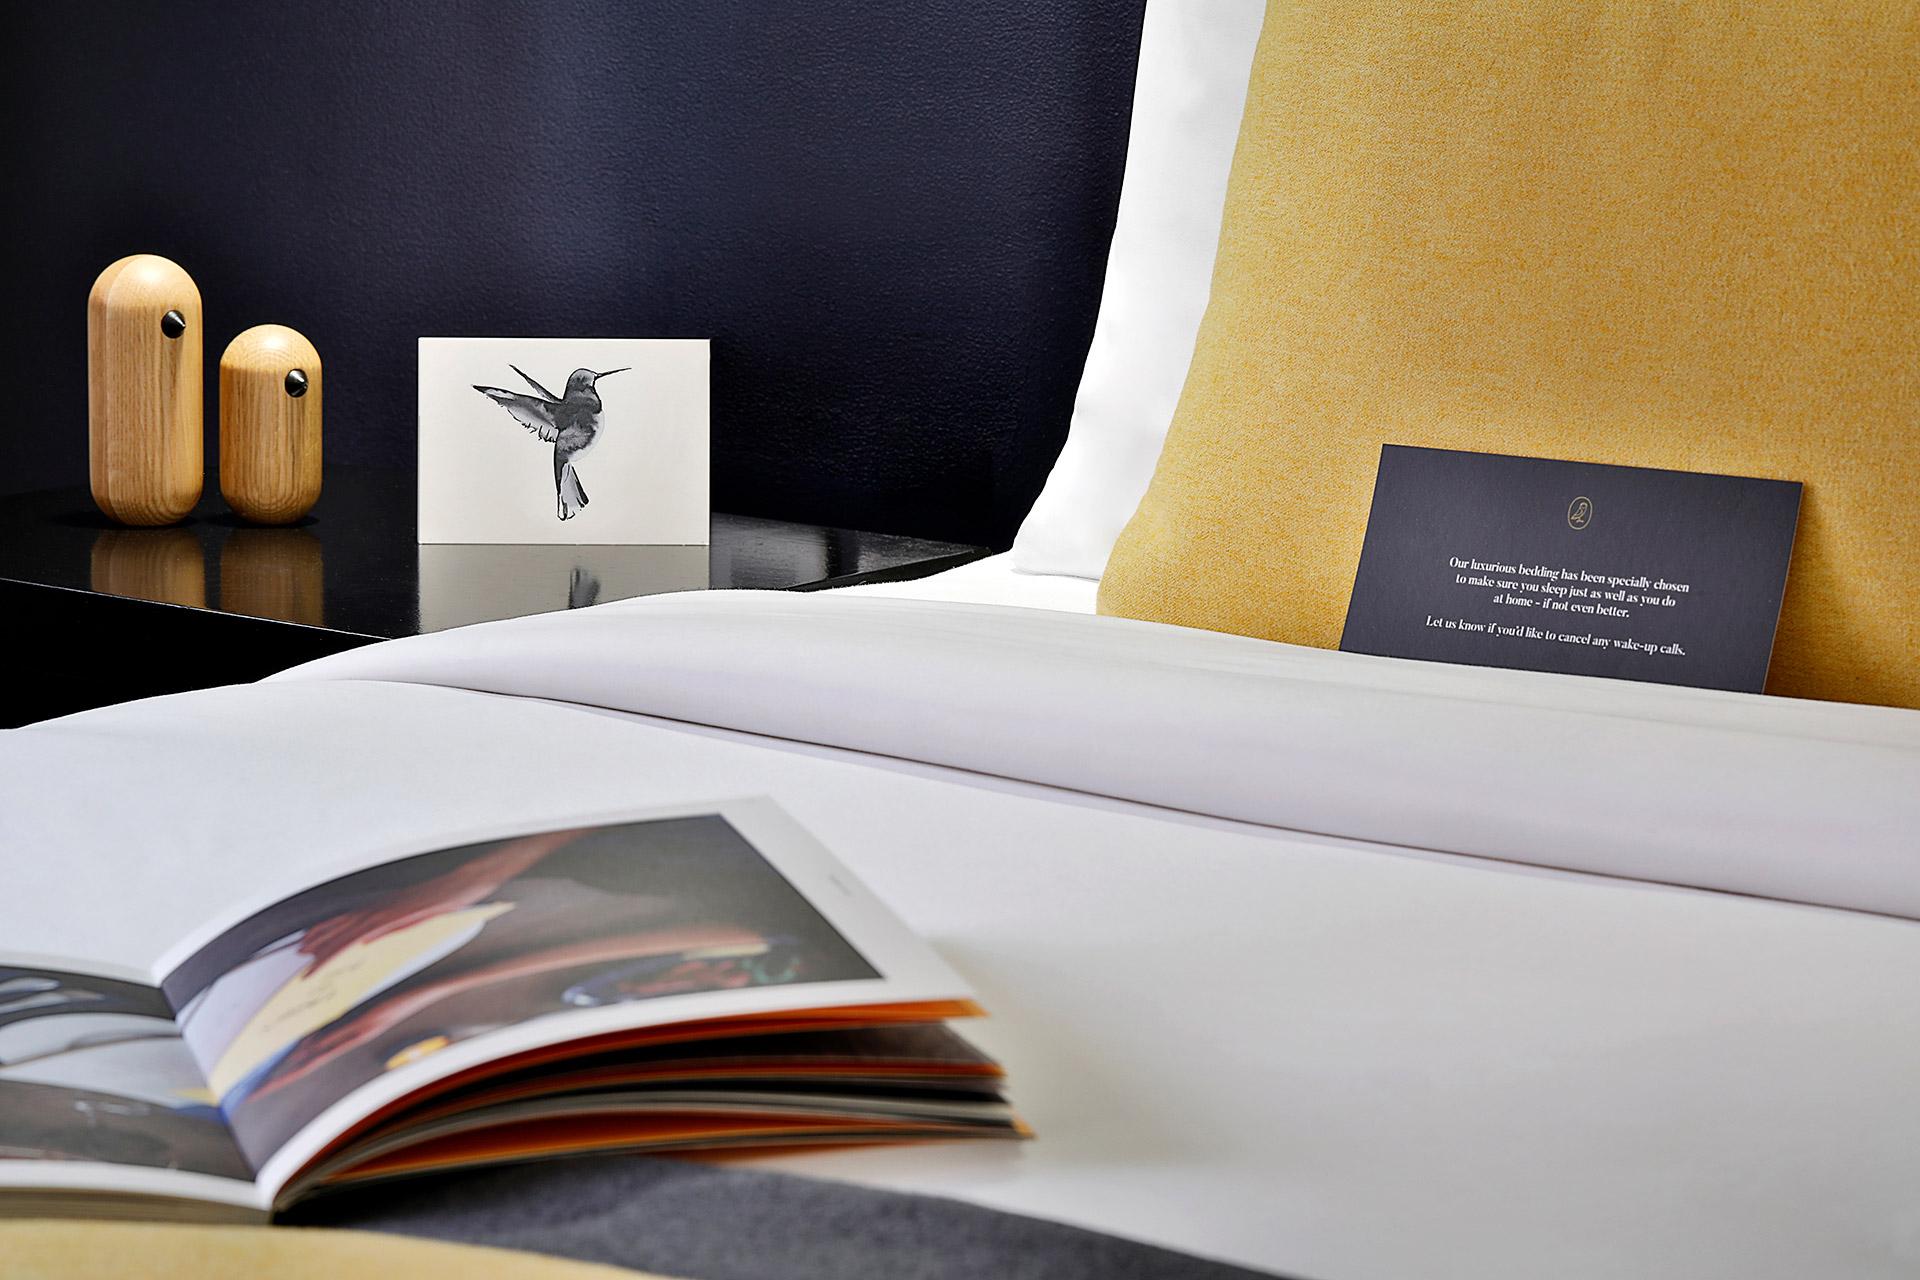 hotel_lifestyle_photography22